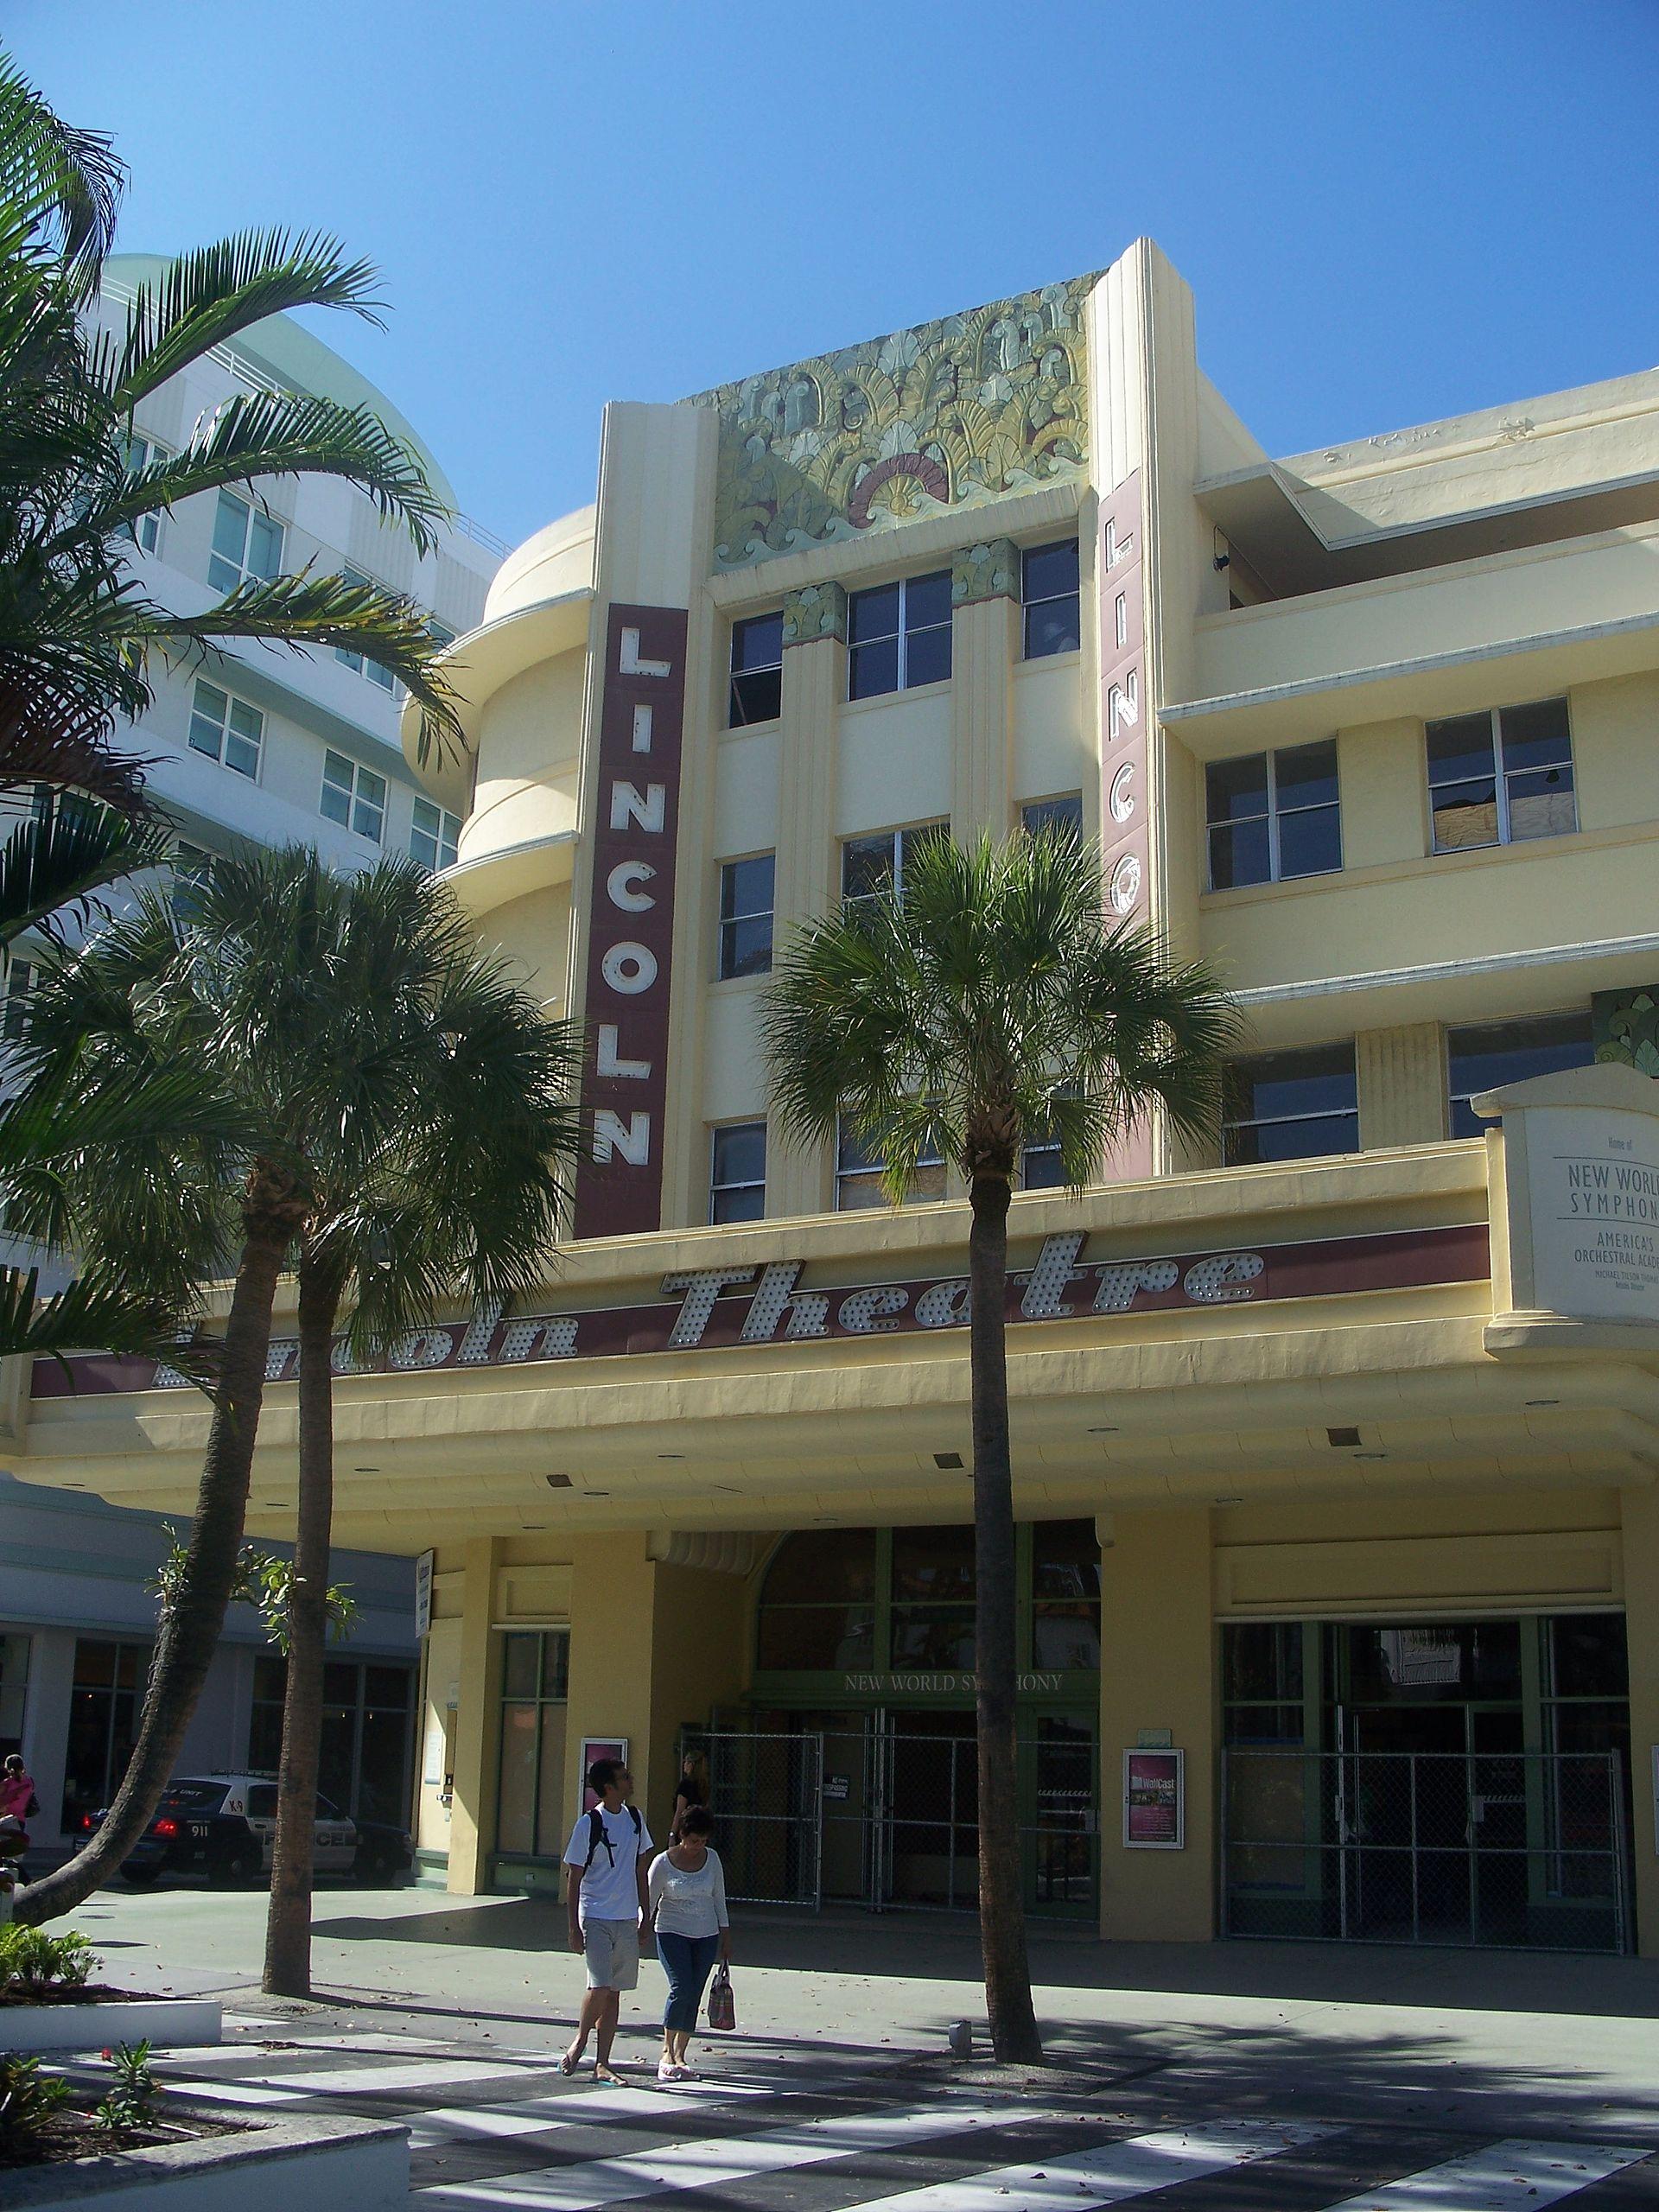 lincoln theatre miami beach florida wikipedia